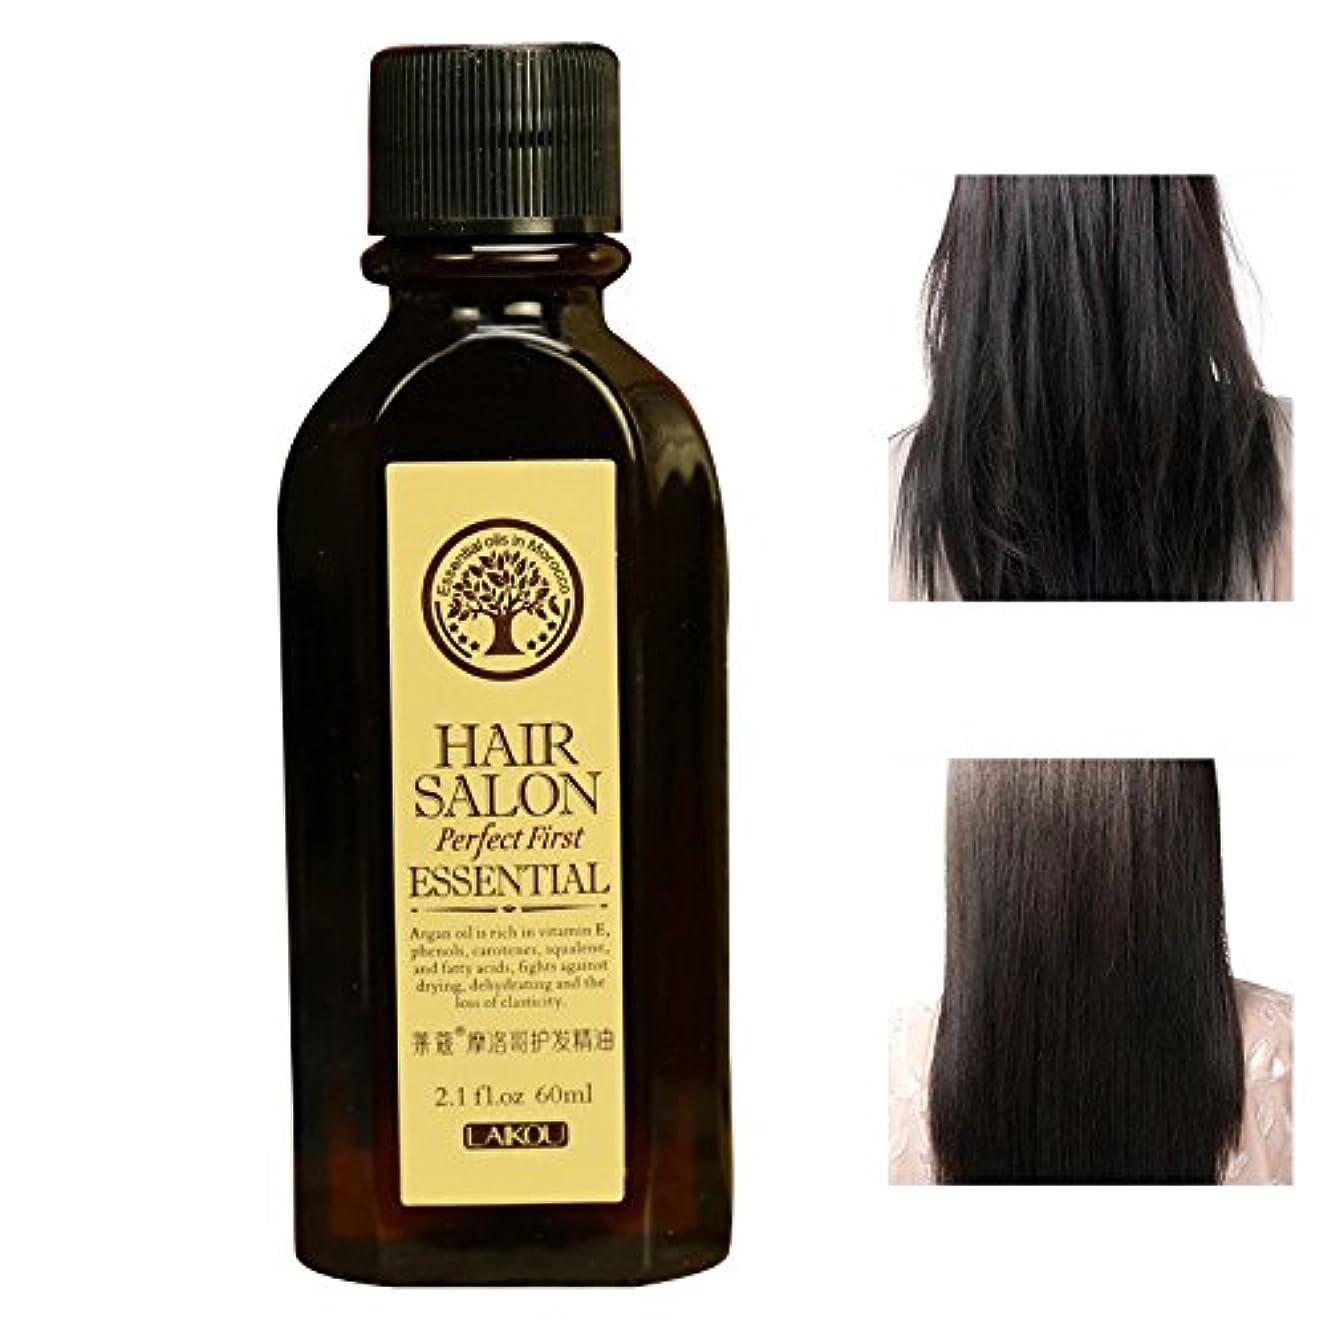 狐階段資料Symboat ヘアケアエッセンスオイル モロッコ油 コンディショナー 乾いた髪 使い捨てヘアコンディショナー ヘアケア修復保護 保湿